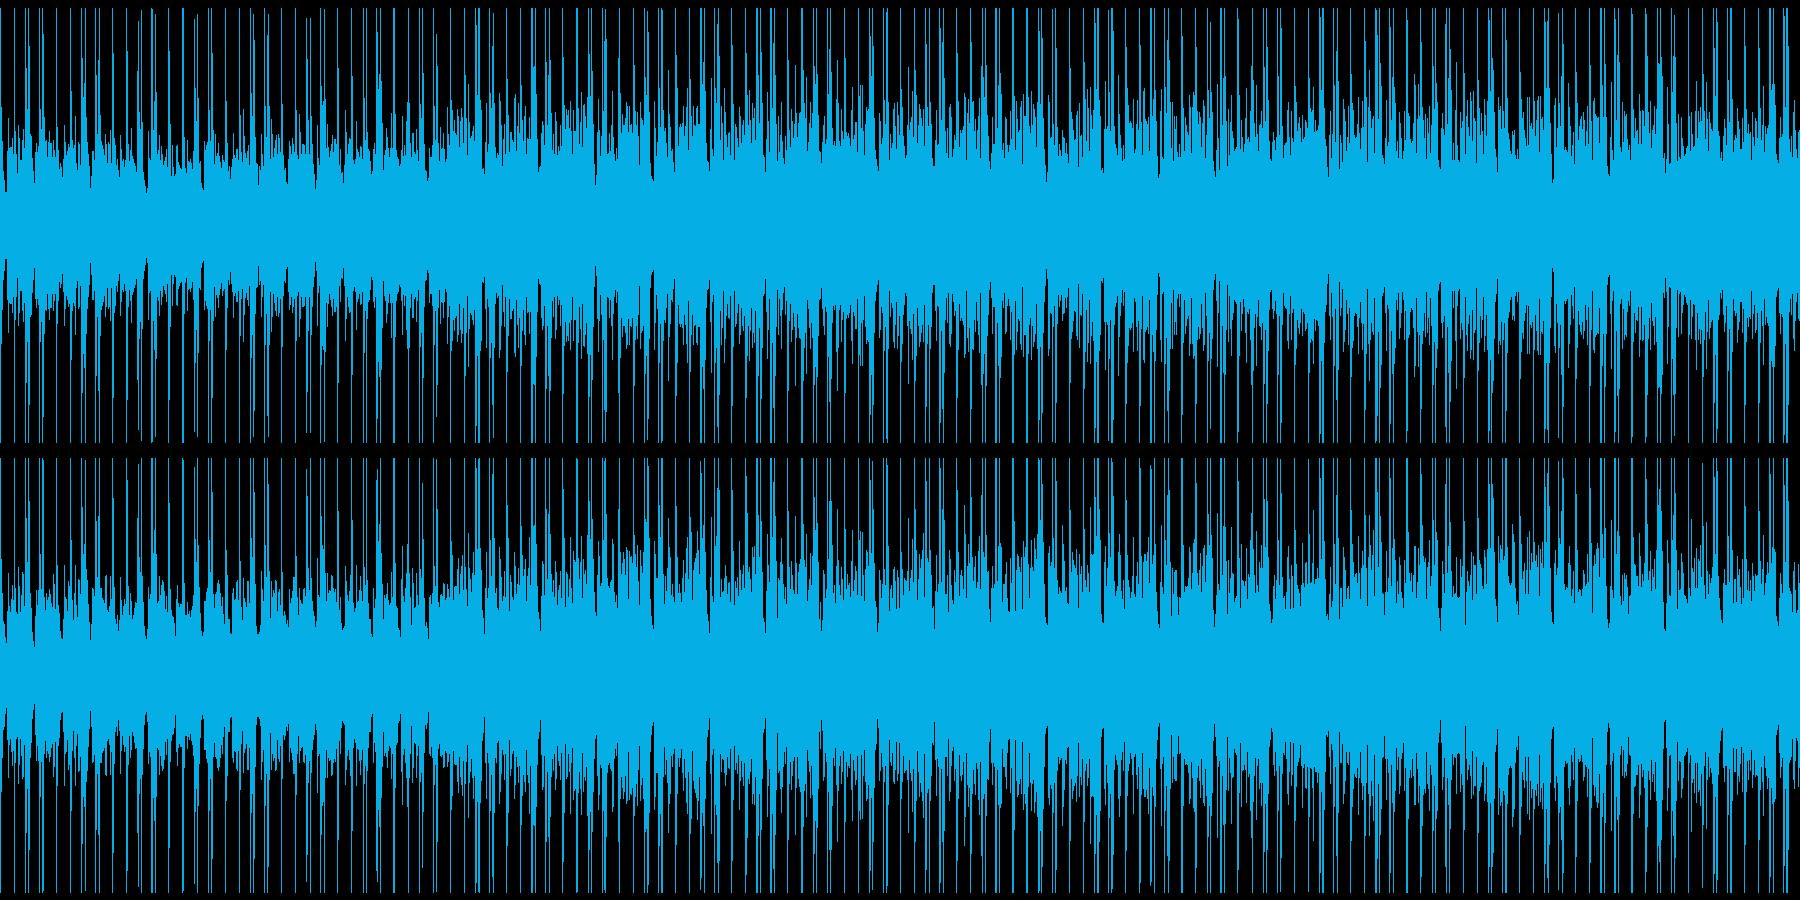 ほのぼのとした和やかBGMの再生済みの波形